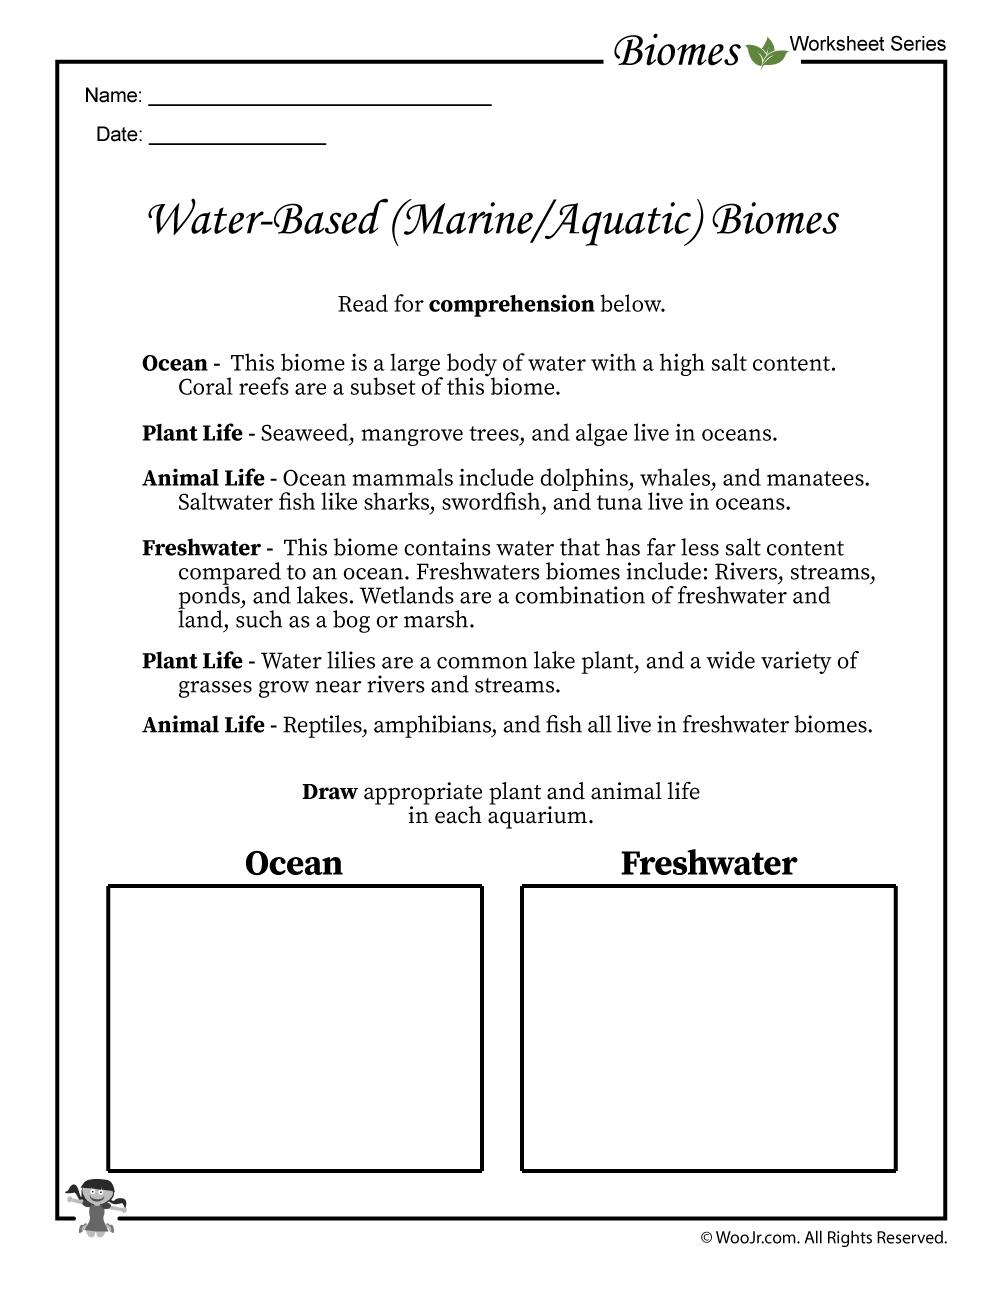 Oceans and Freshwater Biomes Worksheet | Woo! Jr. Kids ...